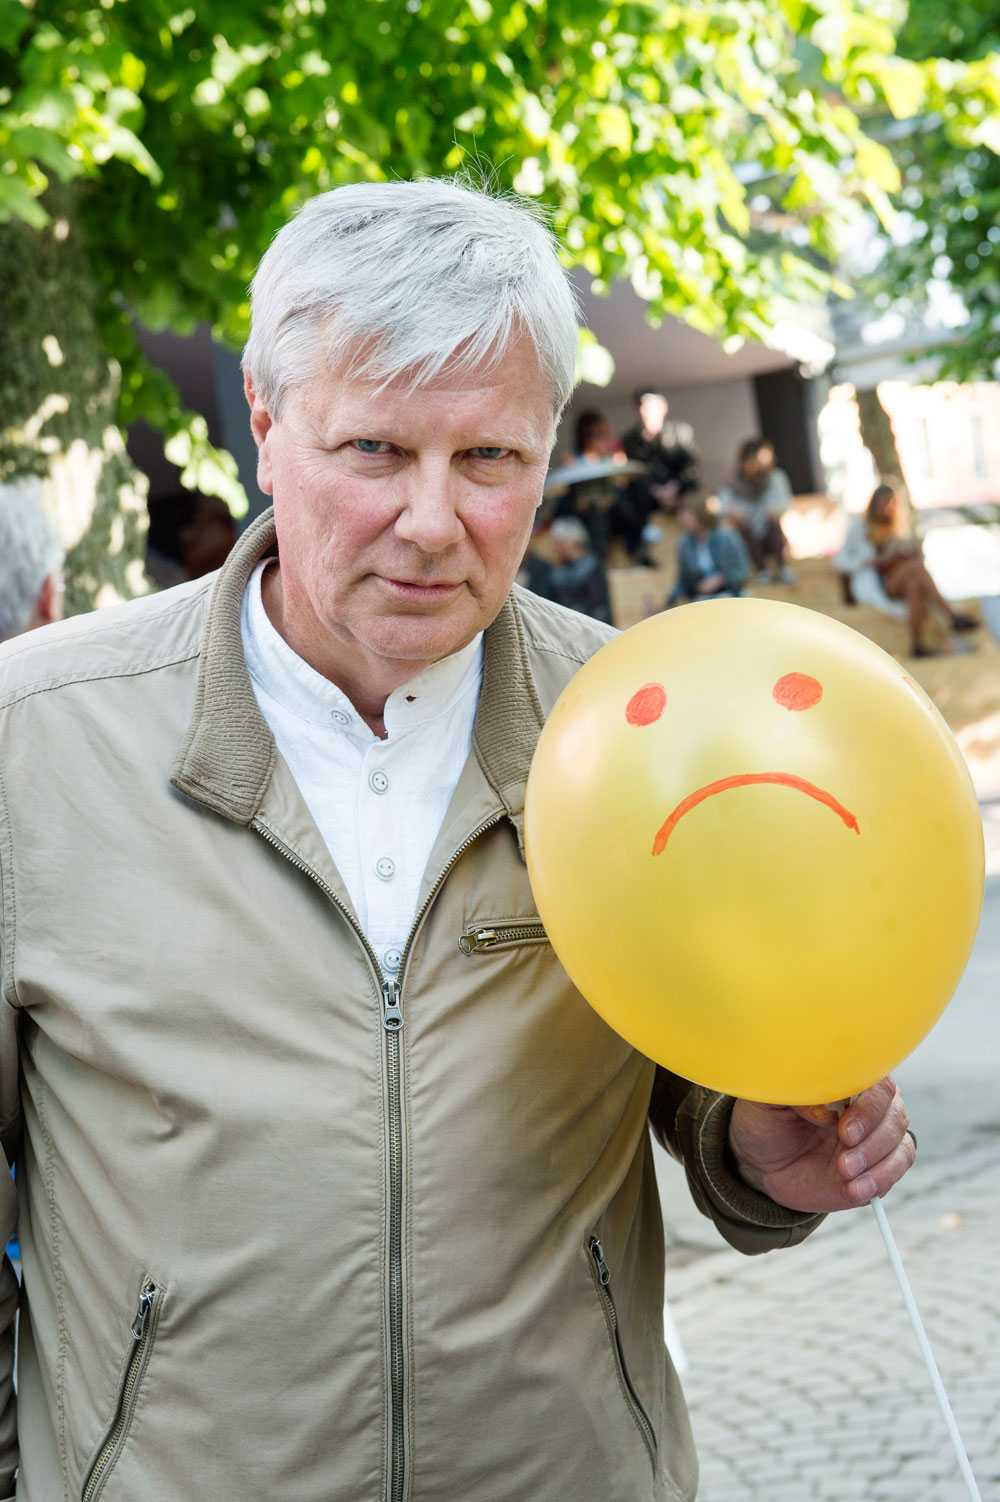 """På Lars Ohlys sida stod det tidigare att han """"såg det som en sorglig dag när Berlinmuren föll"""". I dag finns ingenting om detta kvar."""